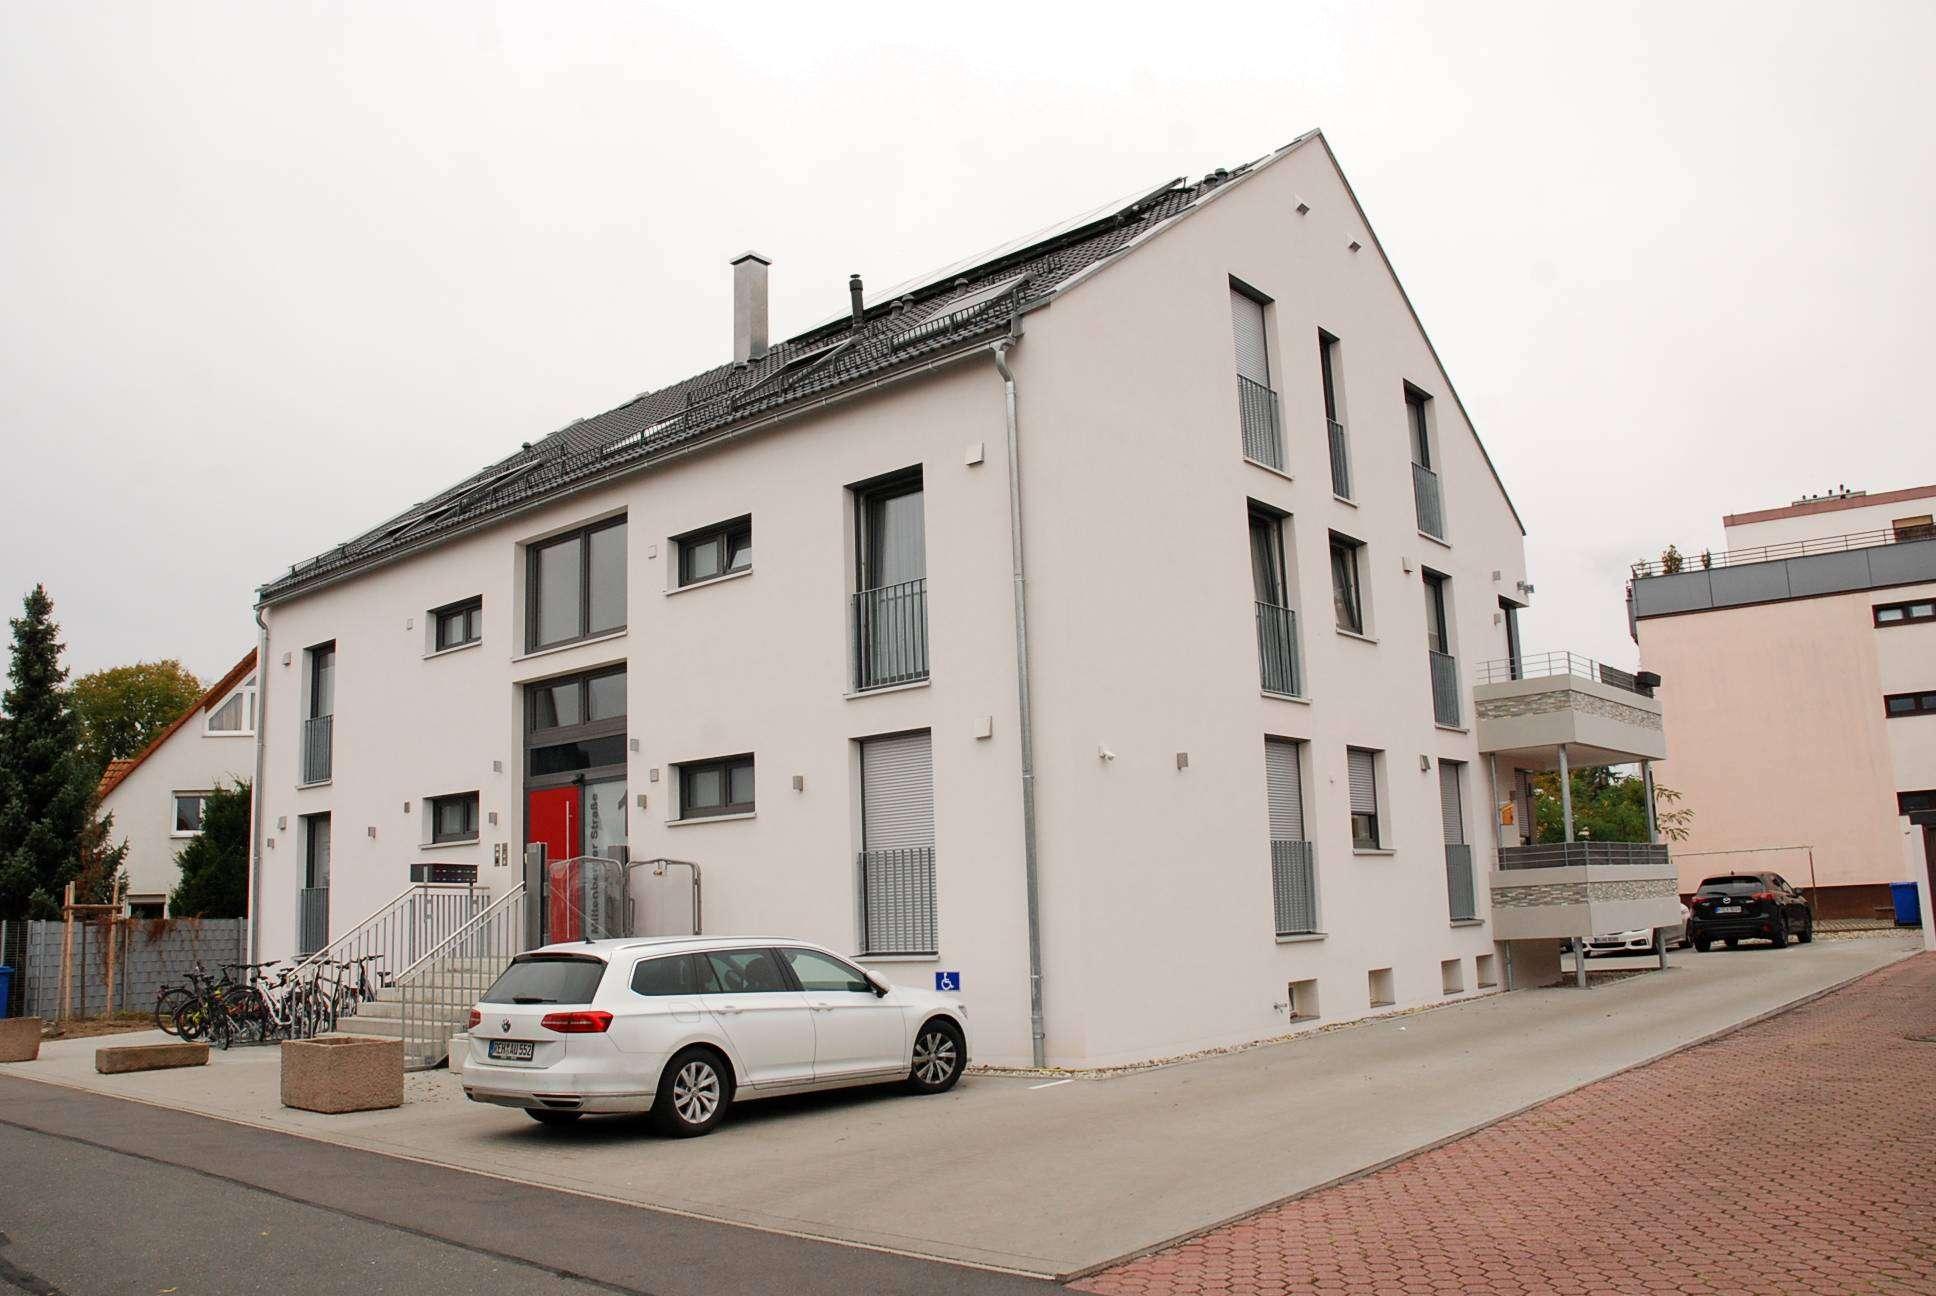 Barrierefreie- exklusive- neuwertige 3 Zimmerwohnung mit Balkon-Lift-usw. in N.-Großgründlach in Großgründlach (Nürnberg)